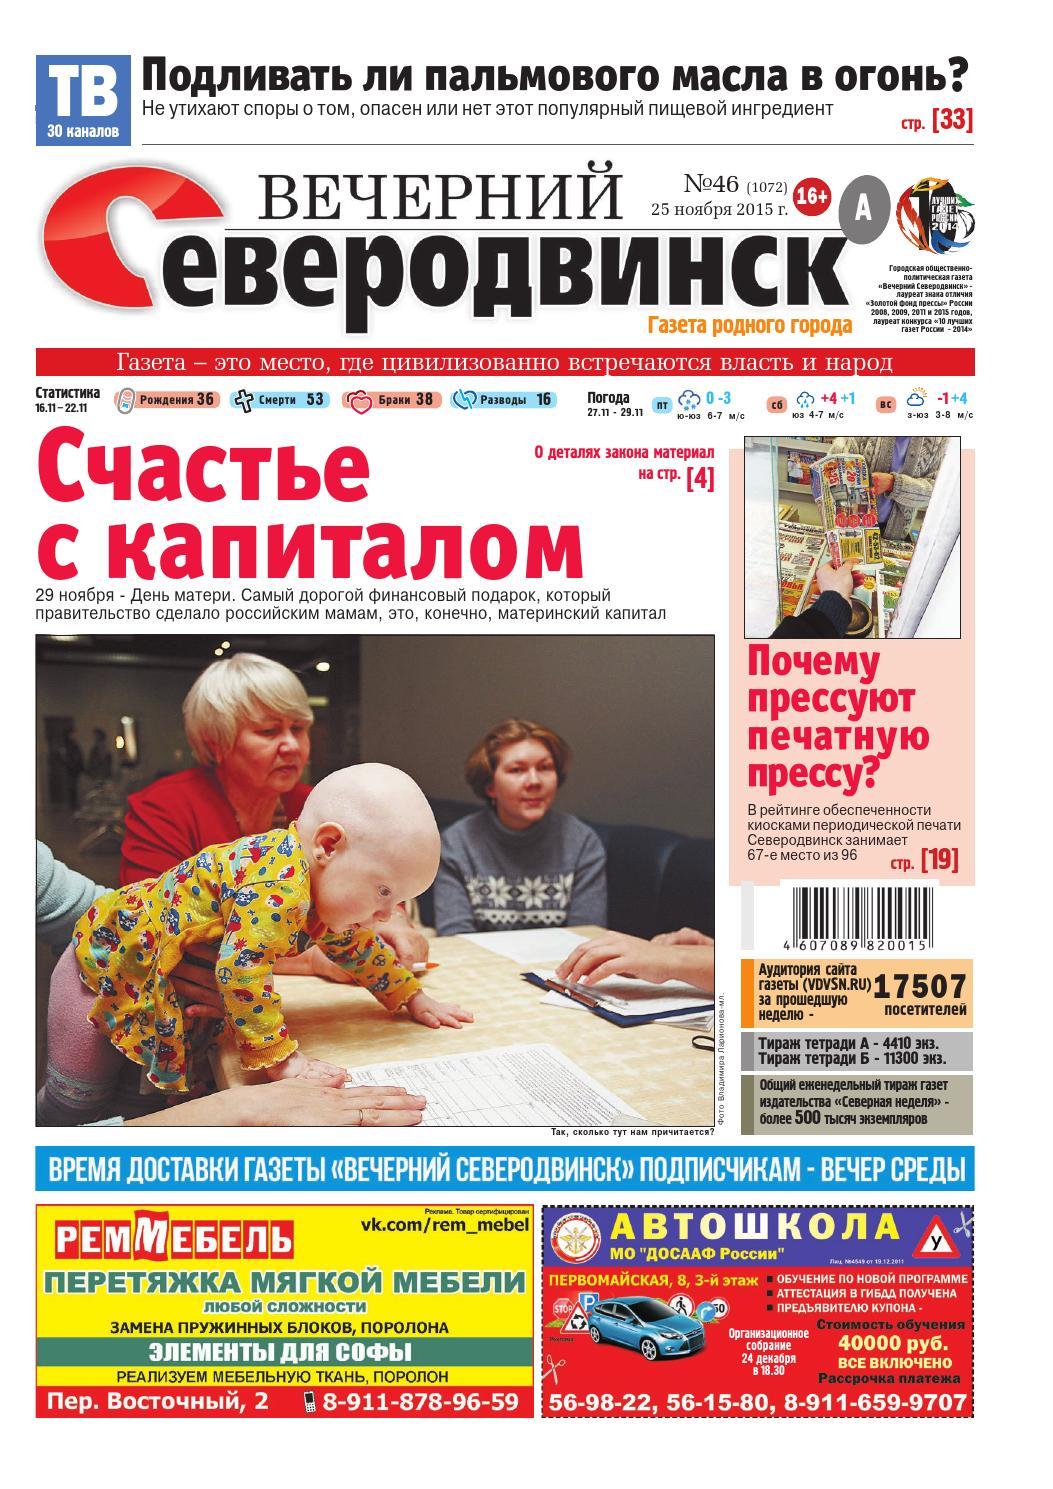 2009 19 52тема курительные смесиавтор макsим смерть от поврежденийпримеры Шишки приобрести Смоленск